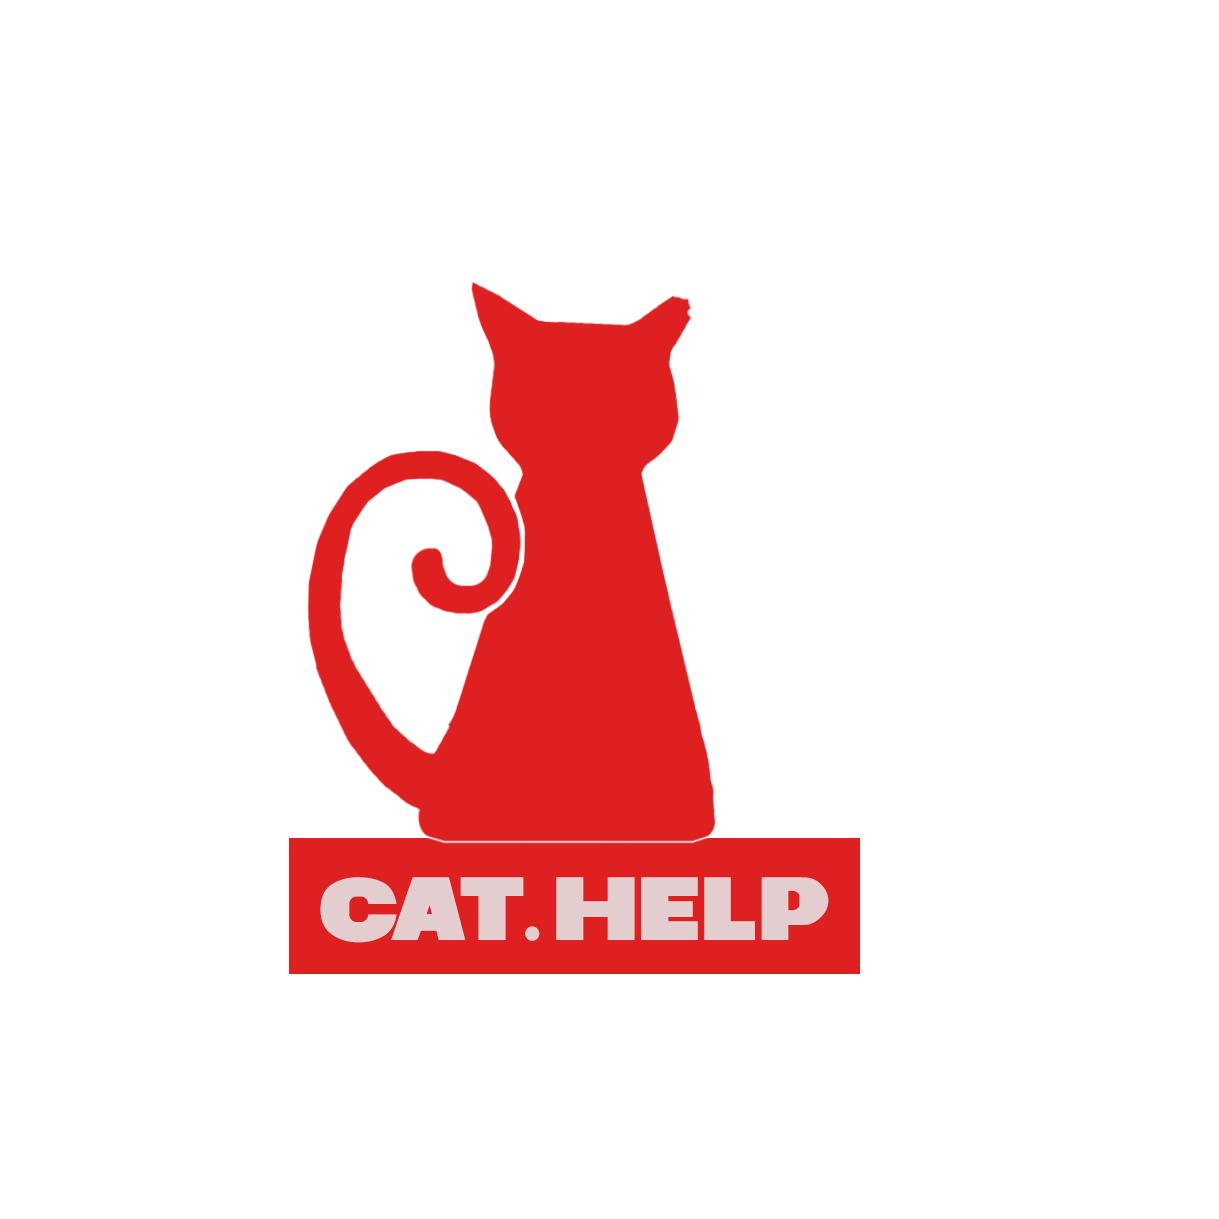 логотип для сайта и группы вк - cat.help фото f_35259da9ce10ad6f.jpg